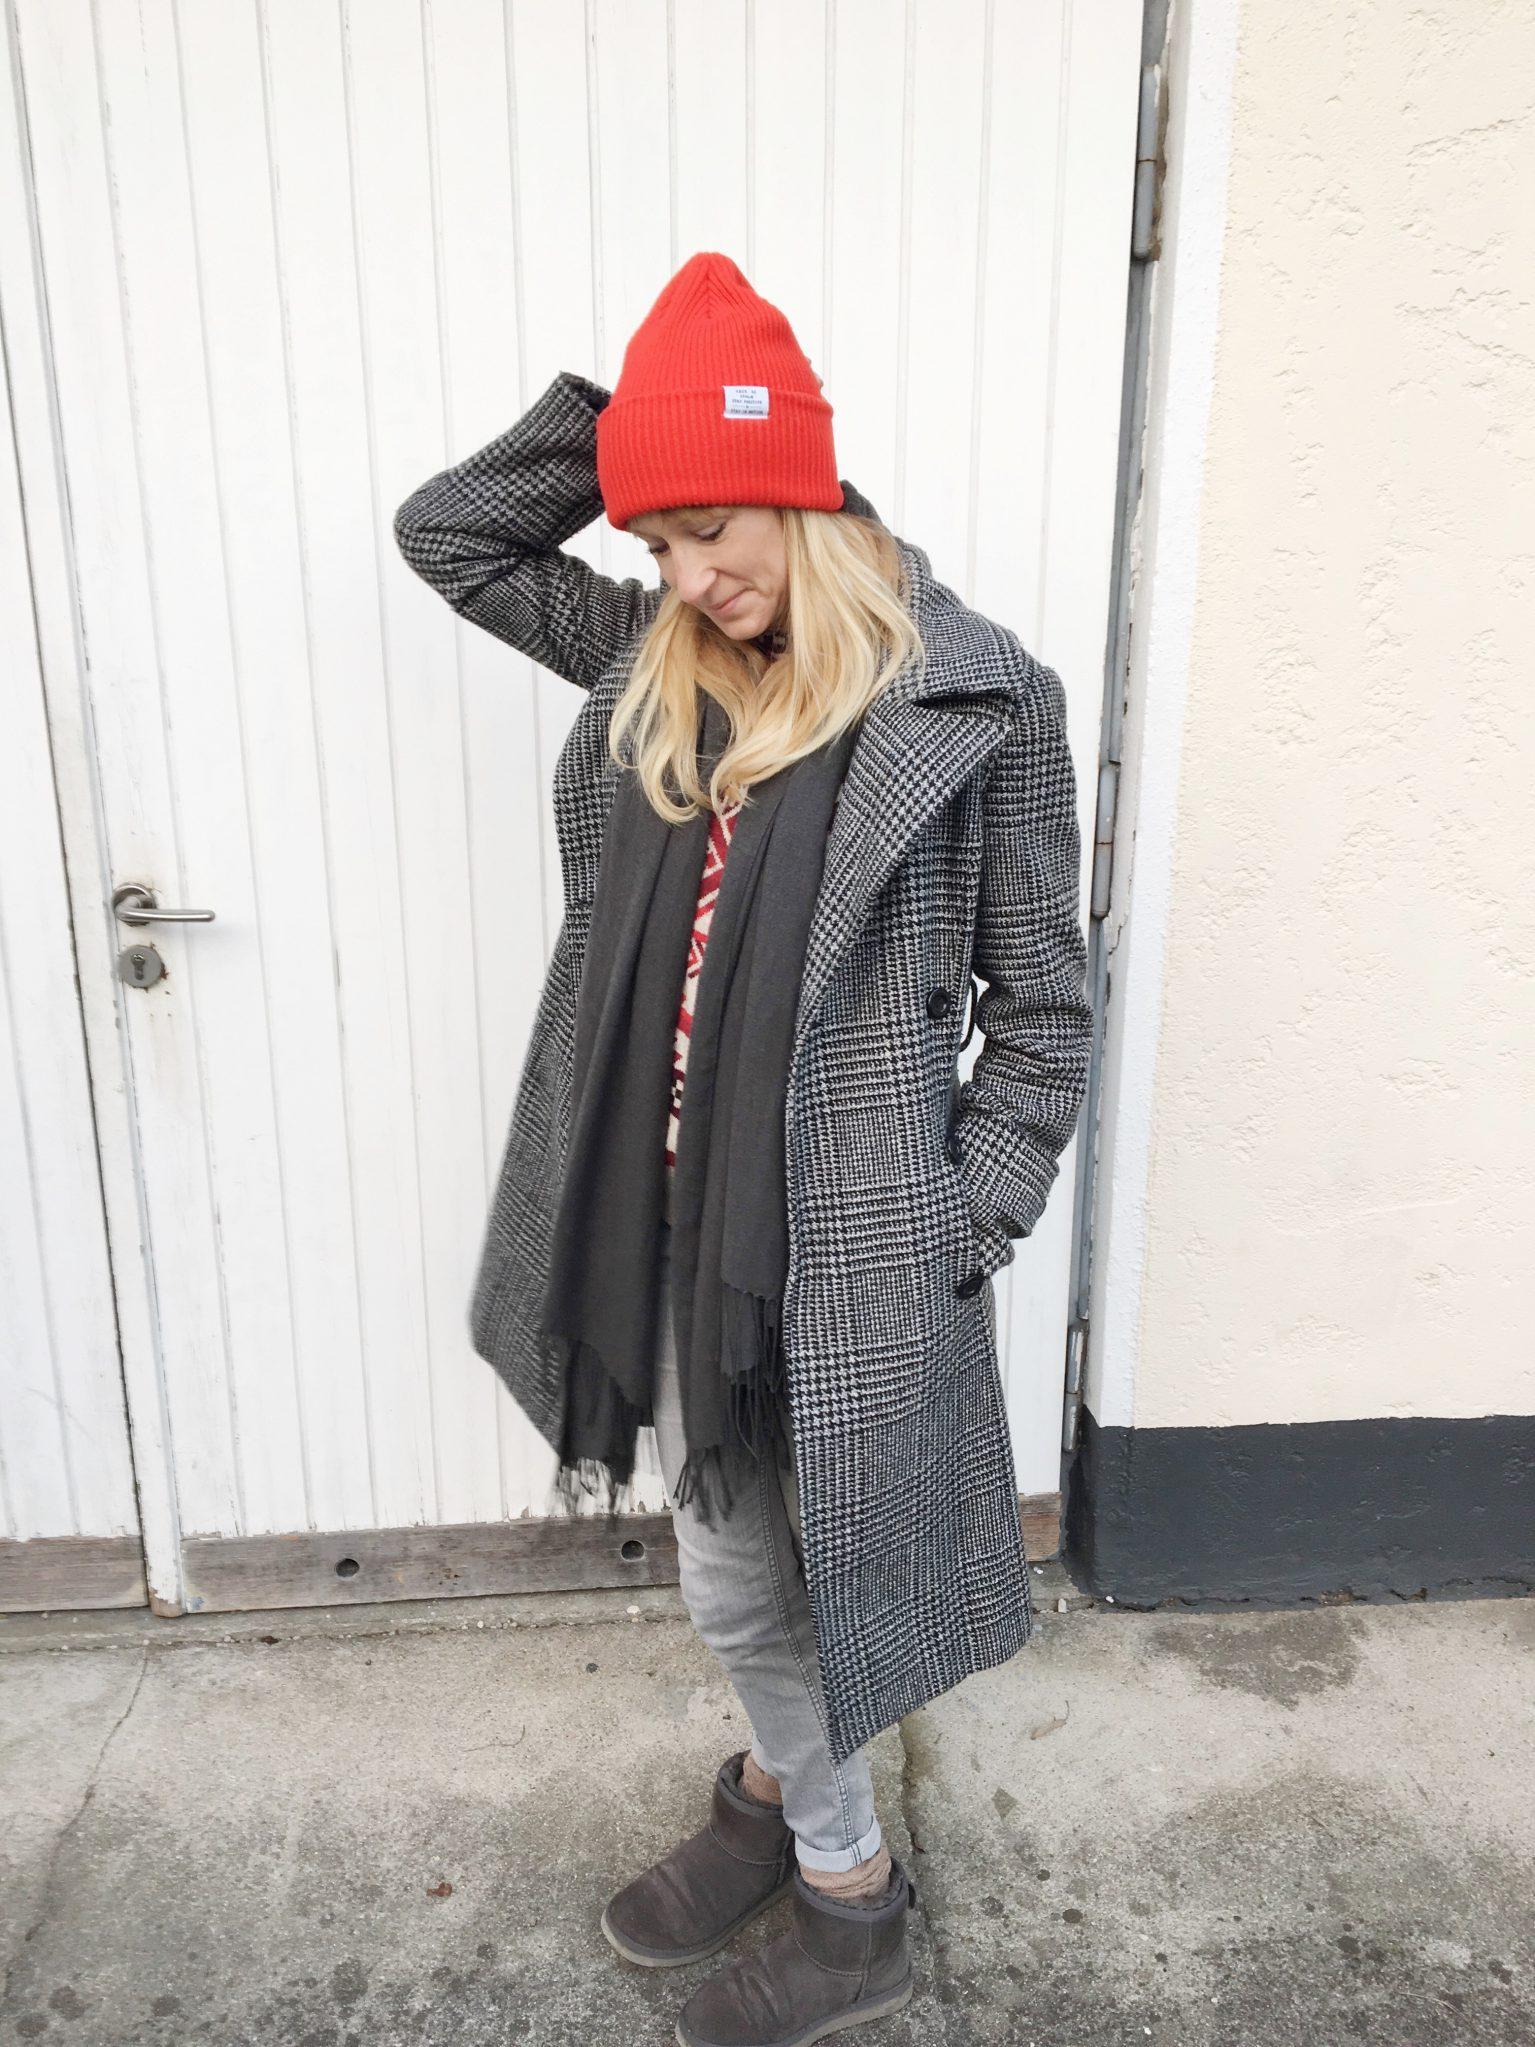 die perfekte Mütze, Mütze, Strickmütze, H&M, Winterlook, Mantel, rote Mütze, Accessoires, Mamablog, Modeblog, Mama Mode Blog, Fashionmum, Modemama